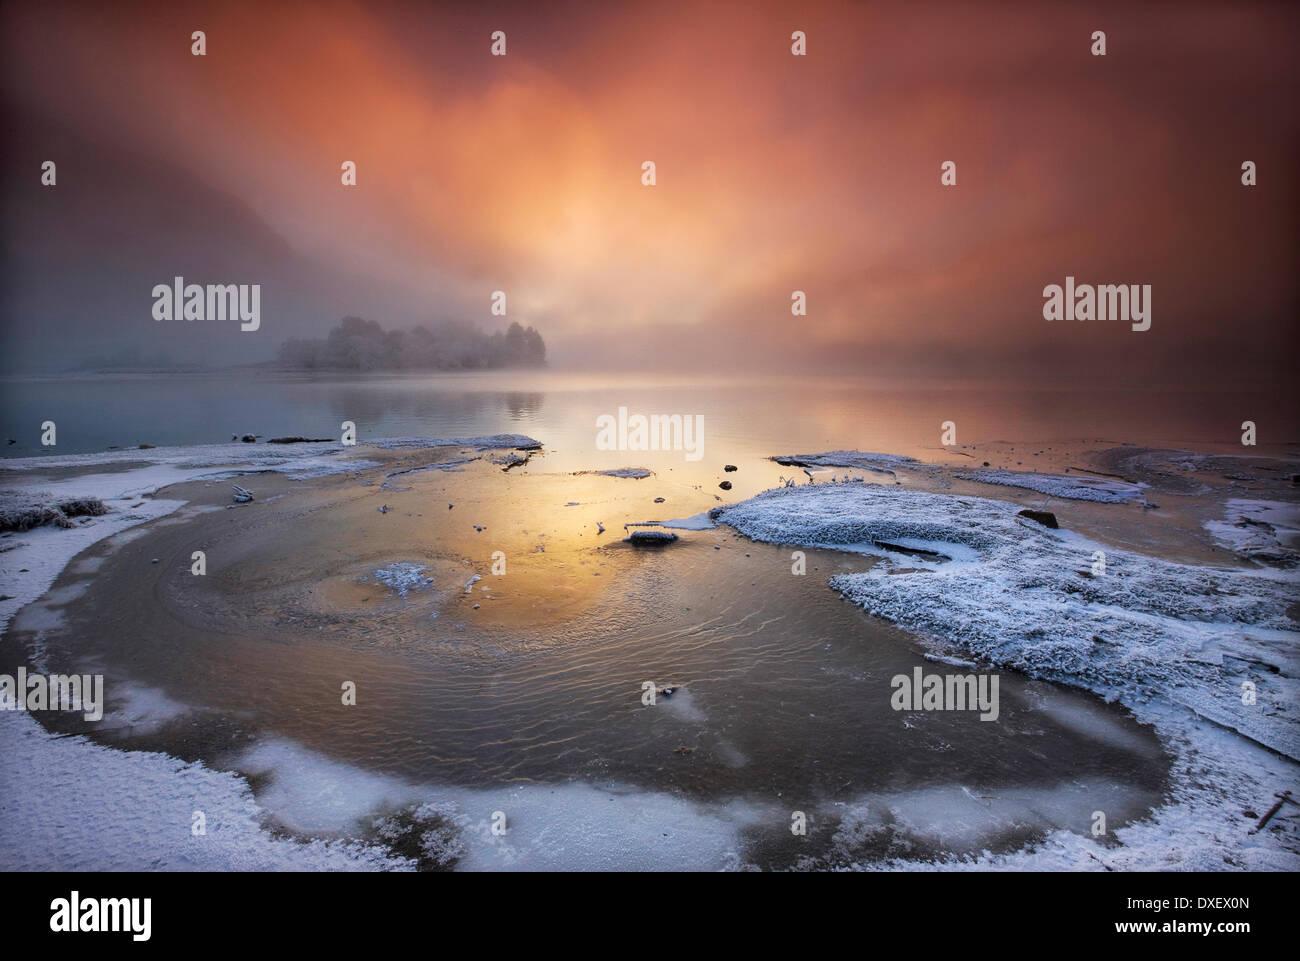 Dramatischen Sonnenuntergang über Loch Shiel, Glenfinnan, Lochaber, Schottisches Hochland. Stockbild